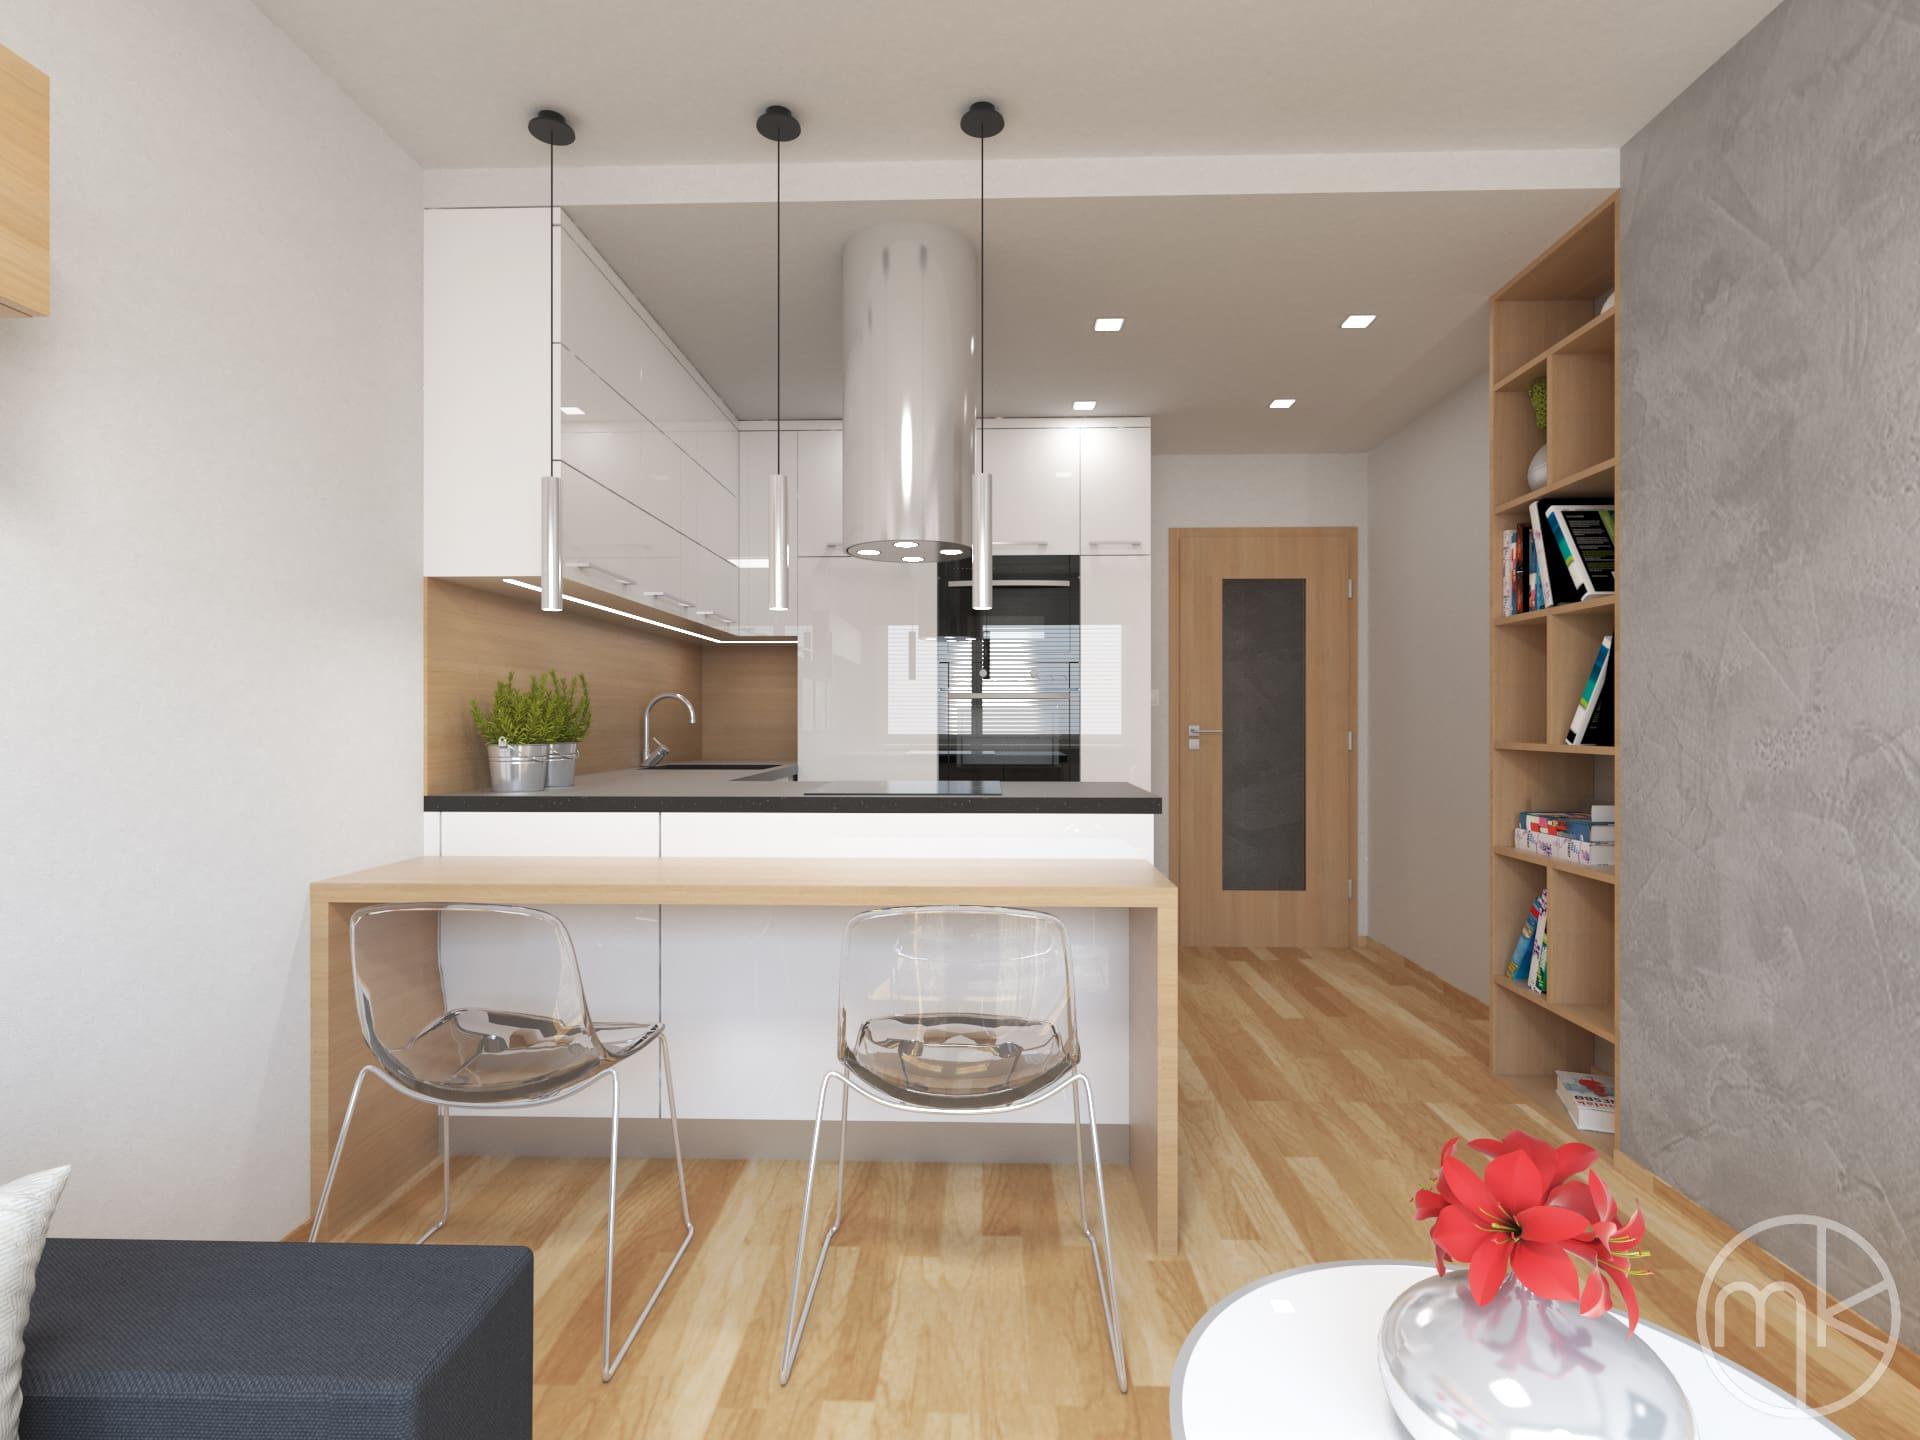 Pokojem 06 2013 návrh interiéru kuchyně a obývacího pokoje malý